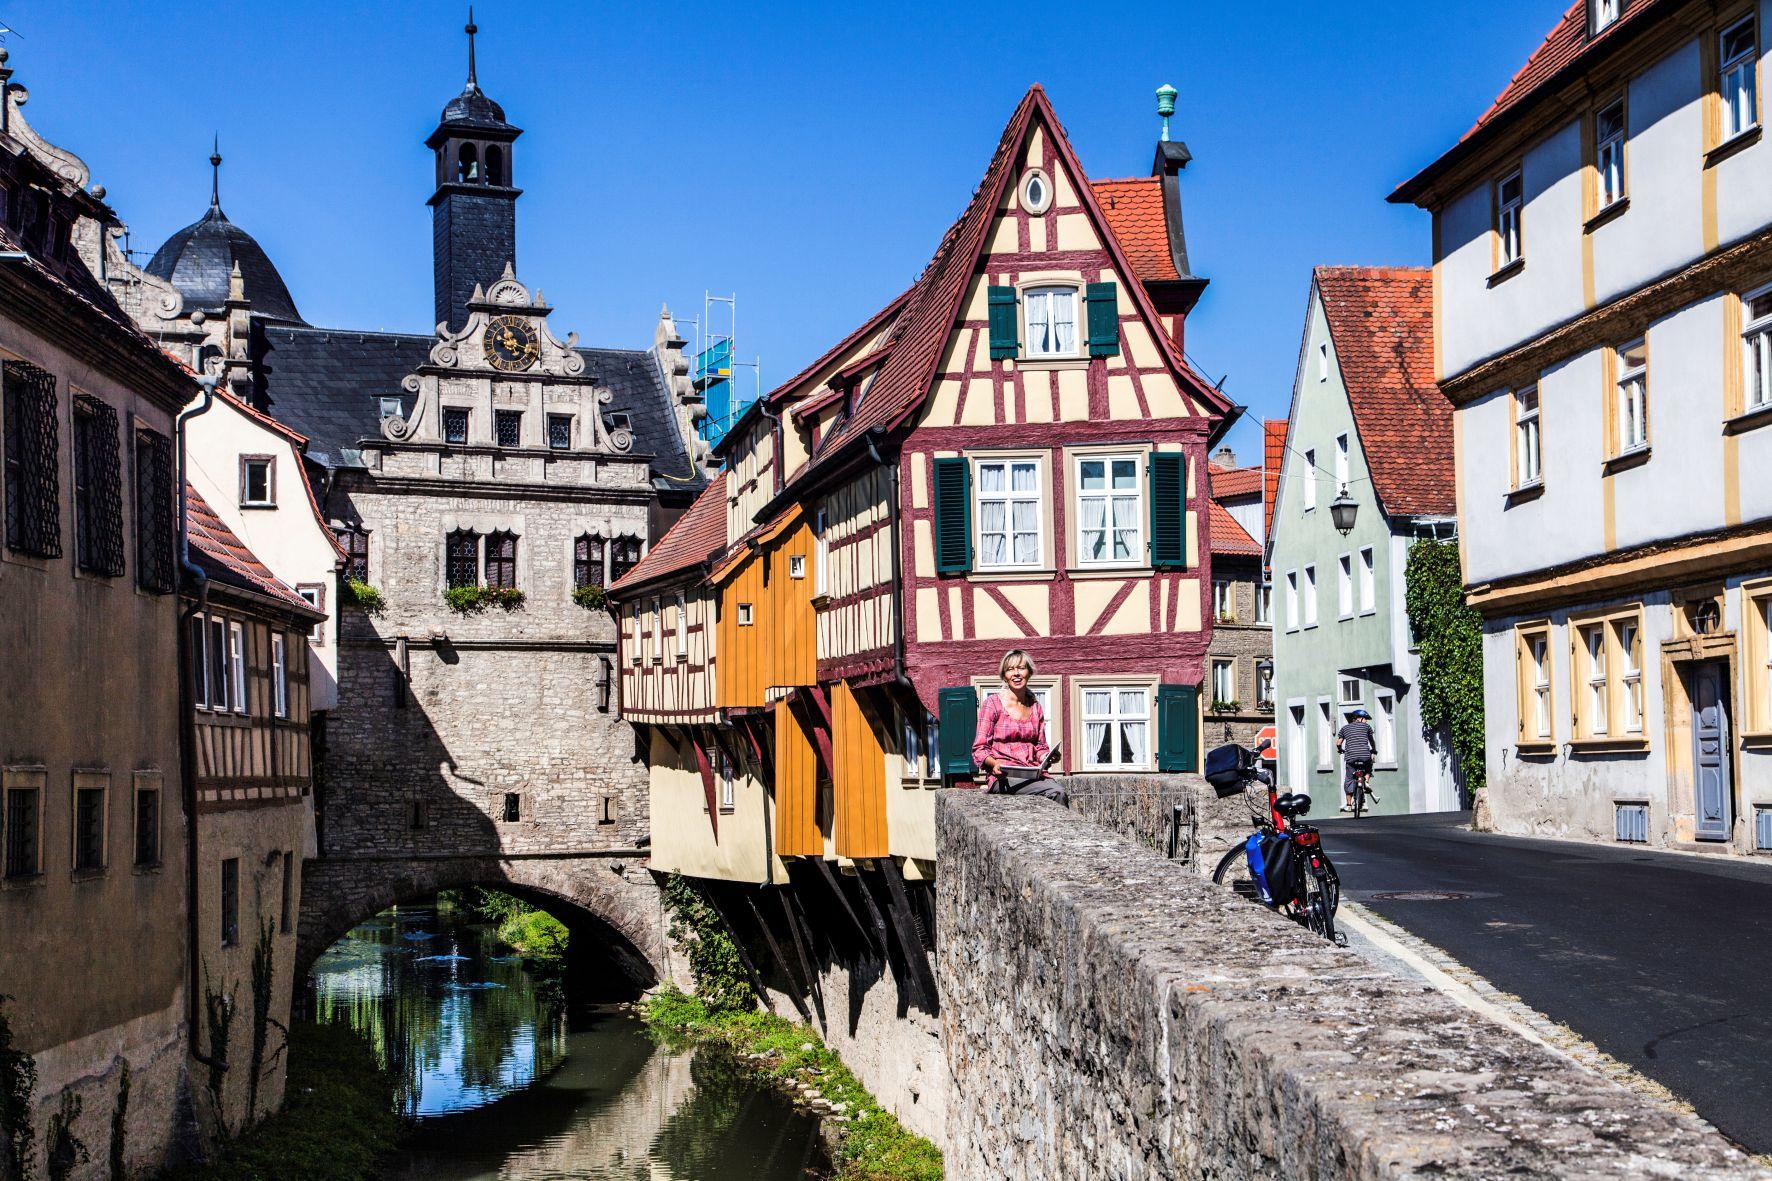 Verwinkeltes Marktbreit /  Das malerisch am Breitbach gelegene Malerwinkelhaus ist das Wahrzeichen von Marktbreit und bis heute ein beliebtes Motiv für Künstler und Fotografen. Bildnachweis: www.radweg-reisen.com